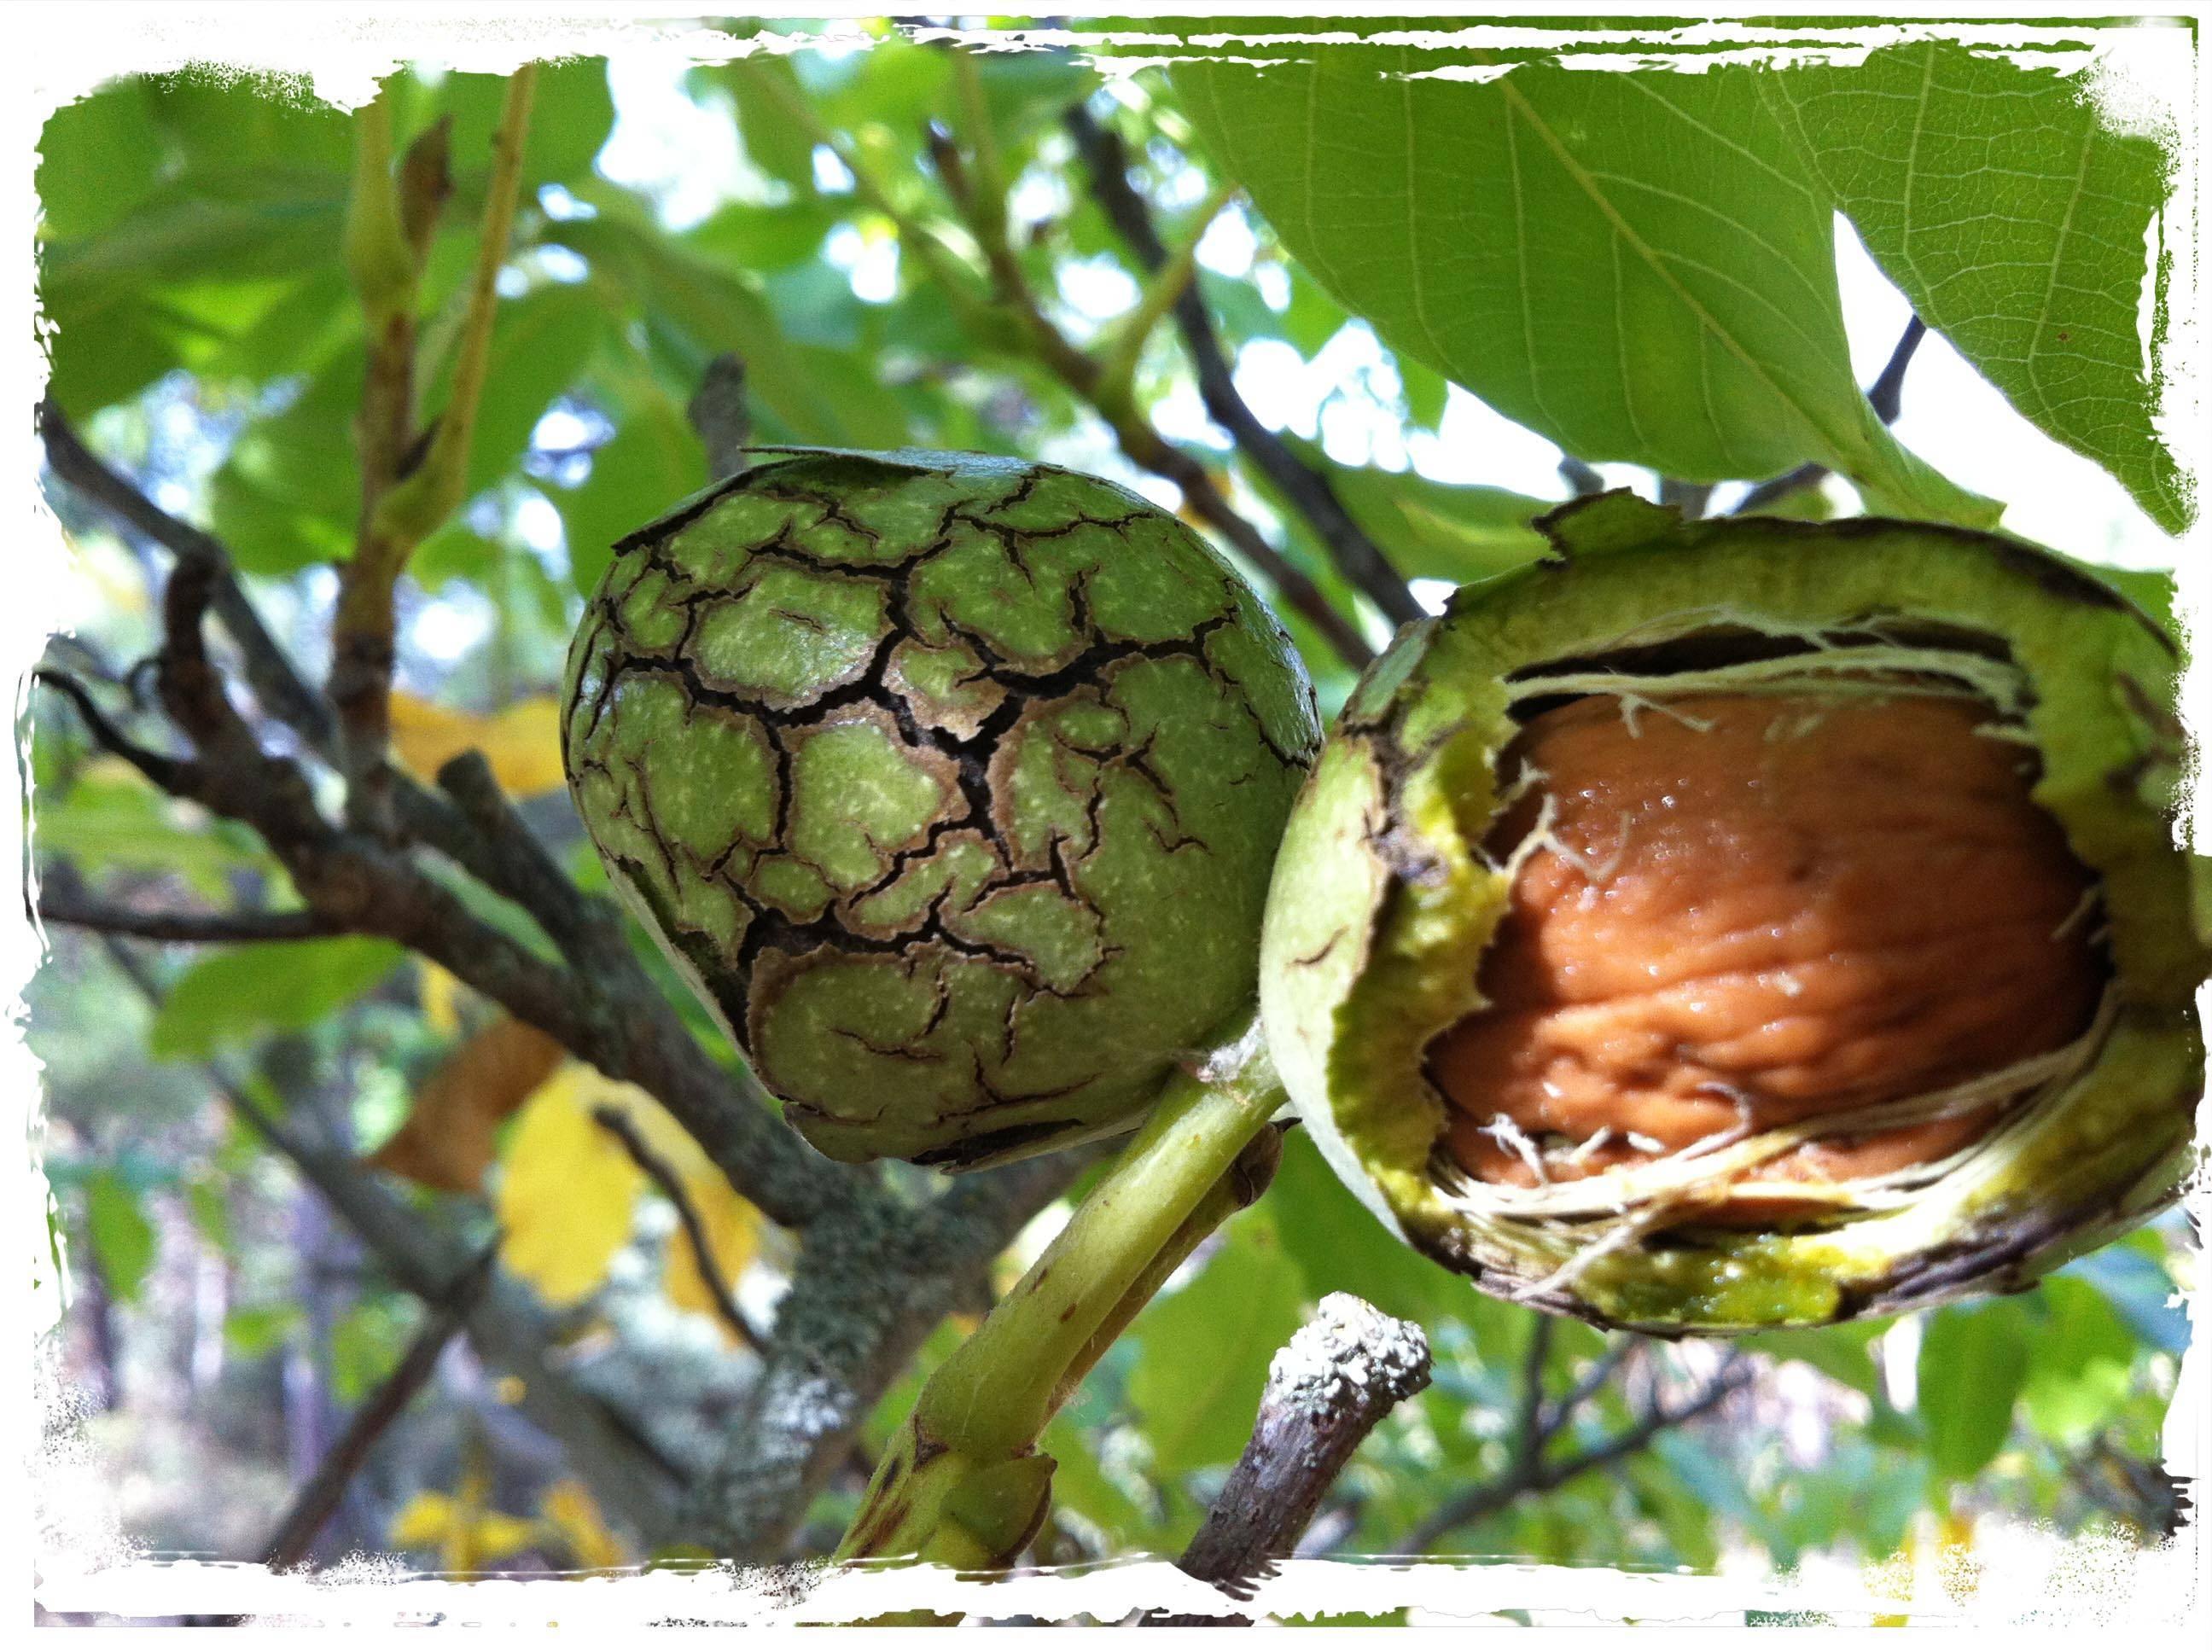 Когда собирать грецкие орехи? когда можно собирать грецкие орехи зеленые - мы дачники